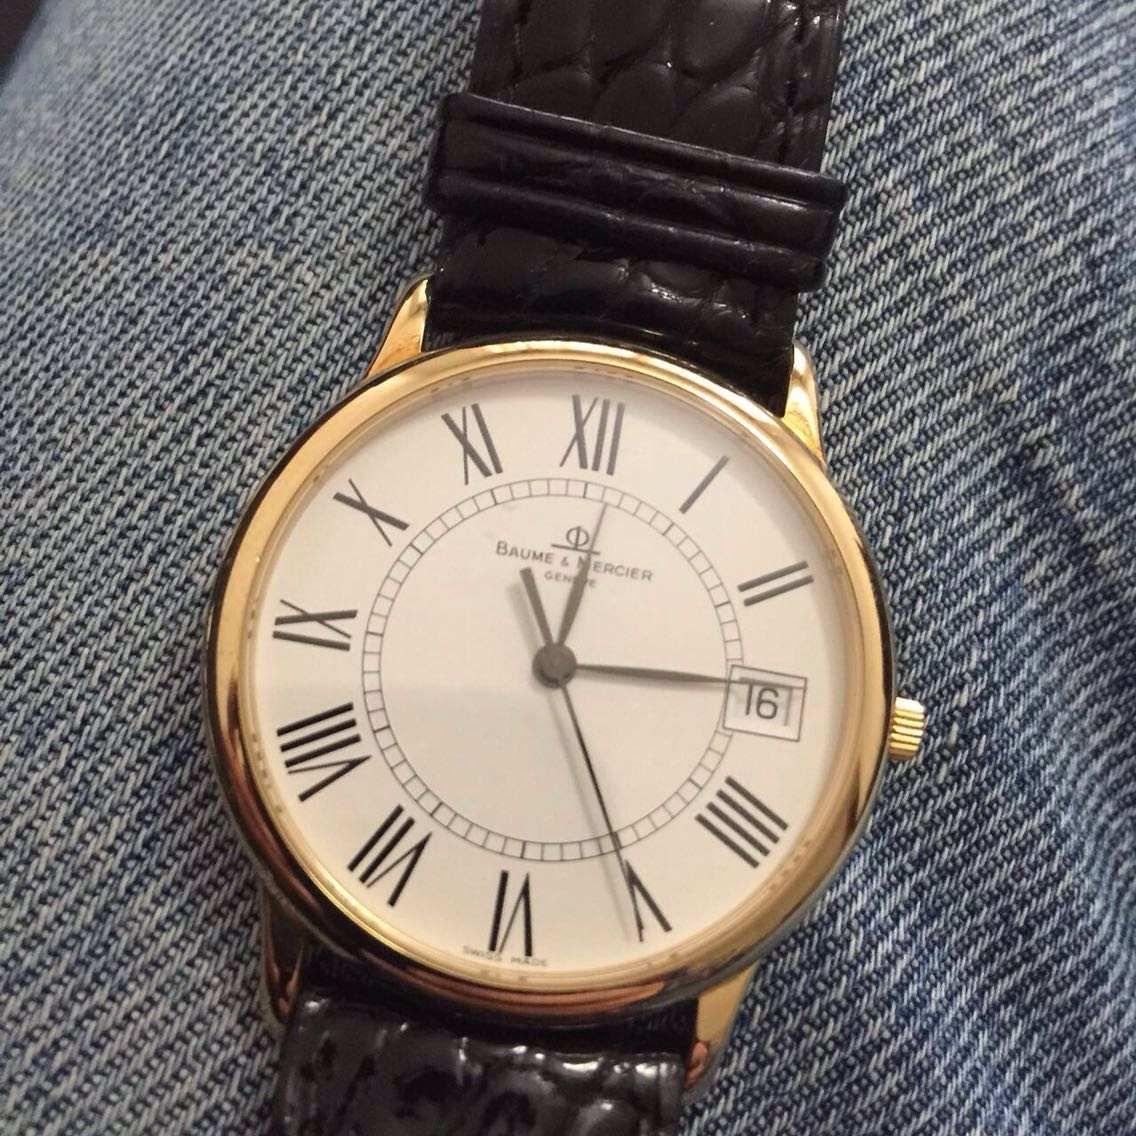 54b219f5867 relógio baume mercier em ouro semi novo original garantia. Carregando zoom.